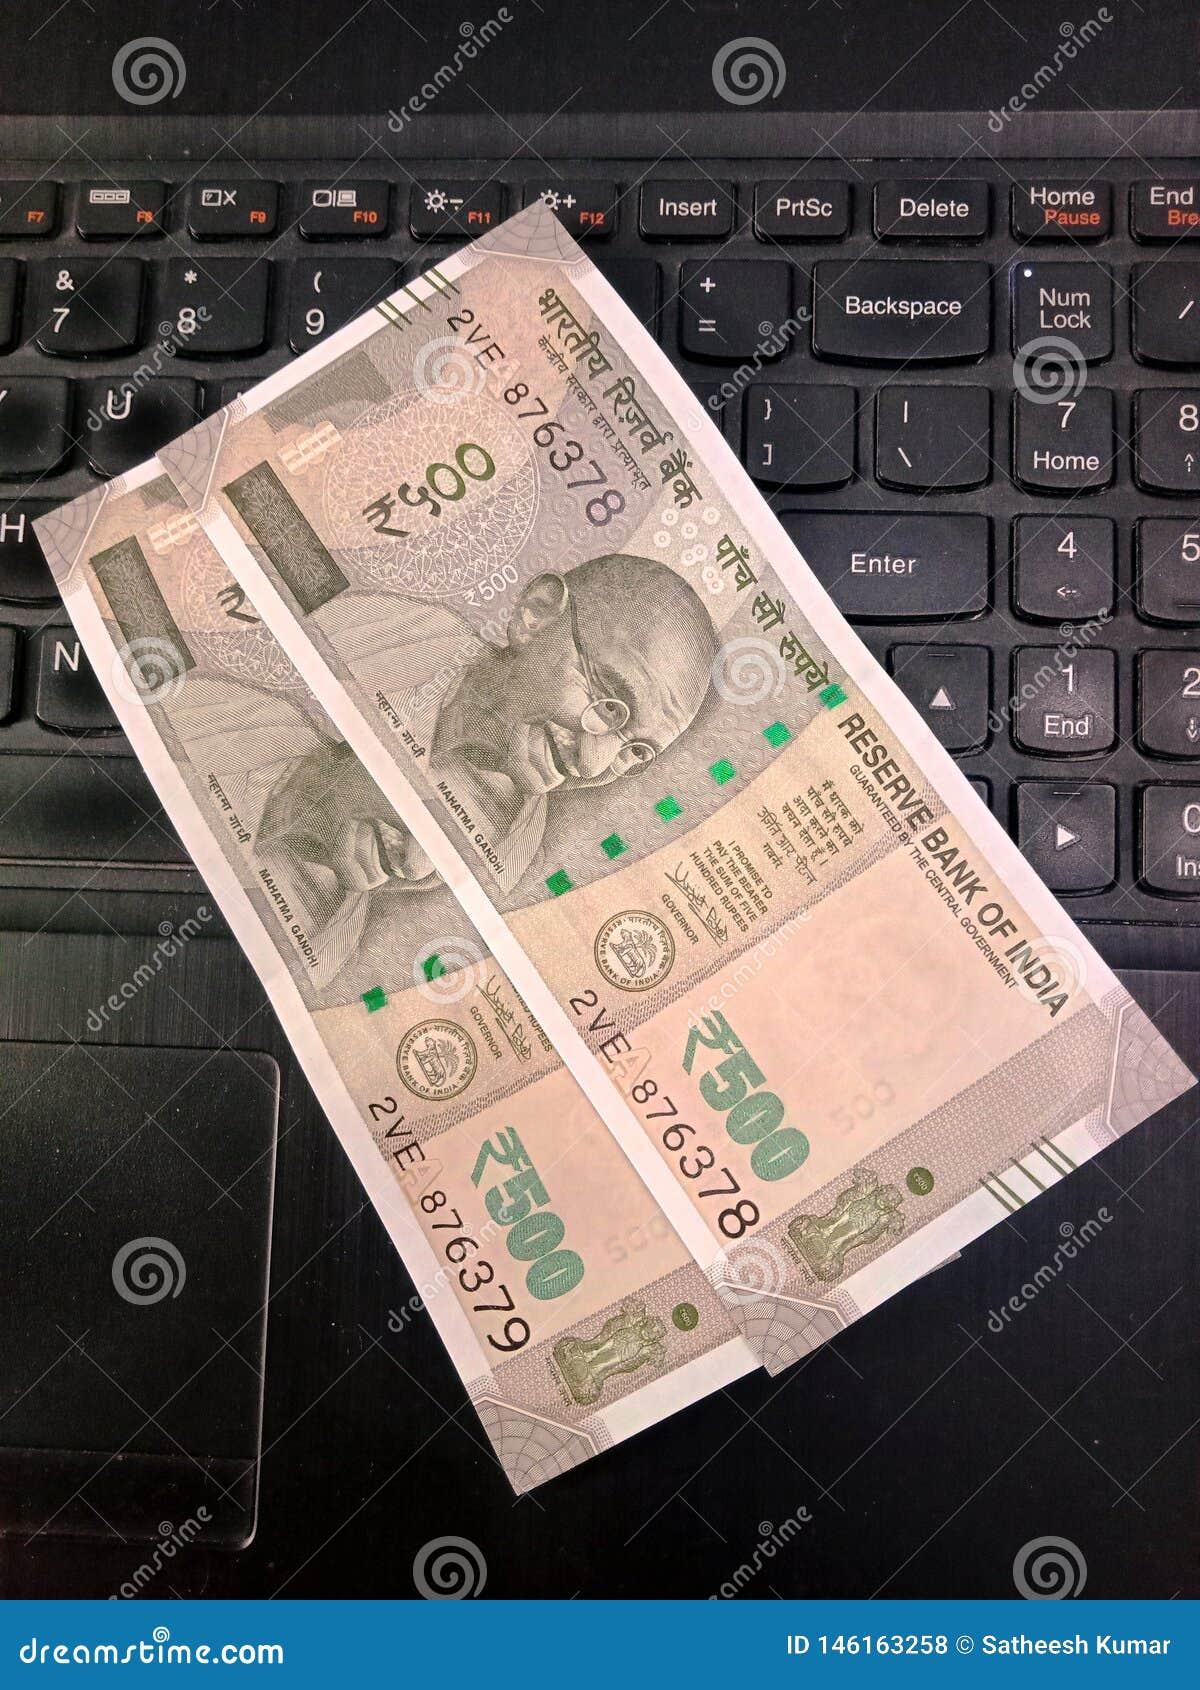 Fünfhundert Rupien indische Banknoten über eine Laptoptastatur